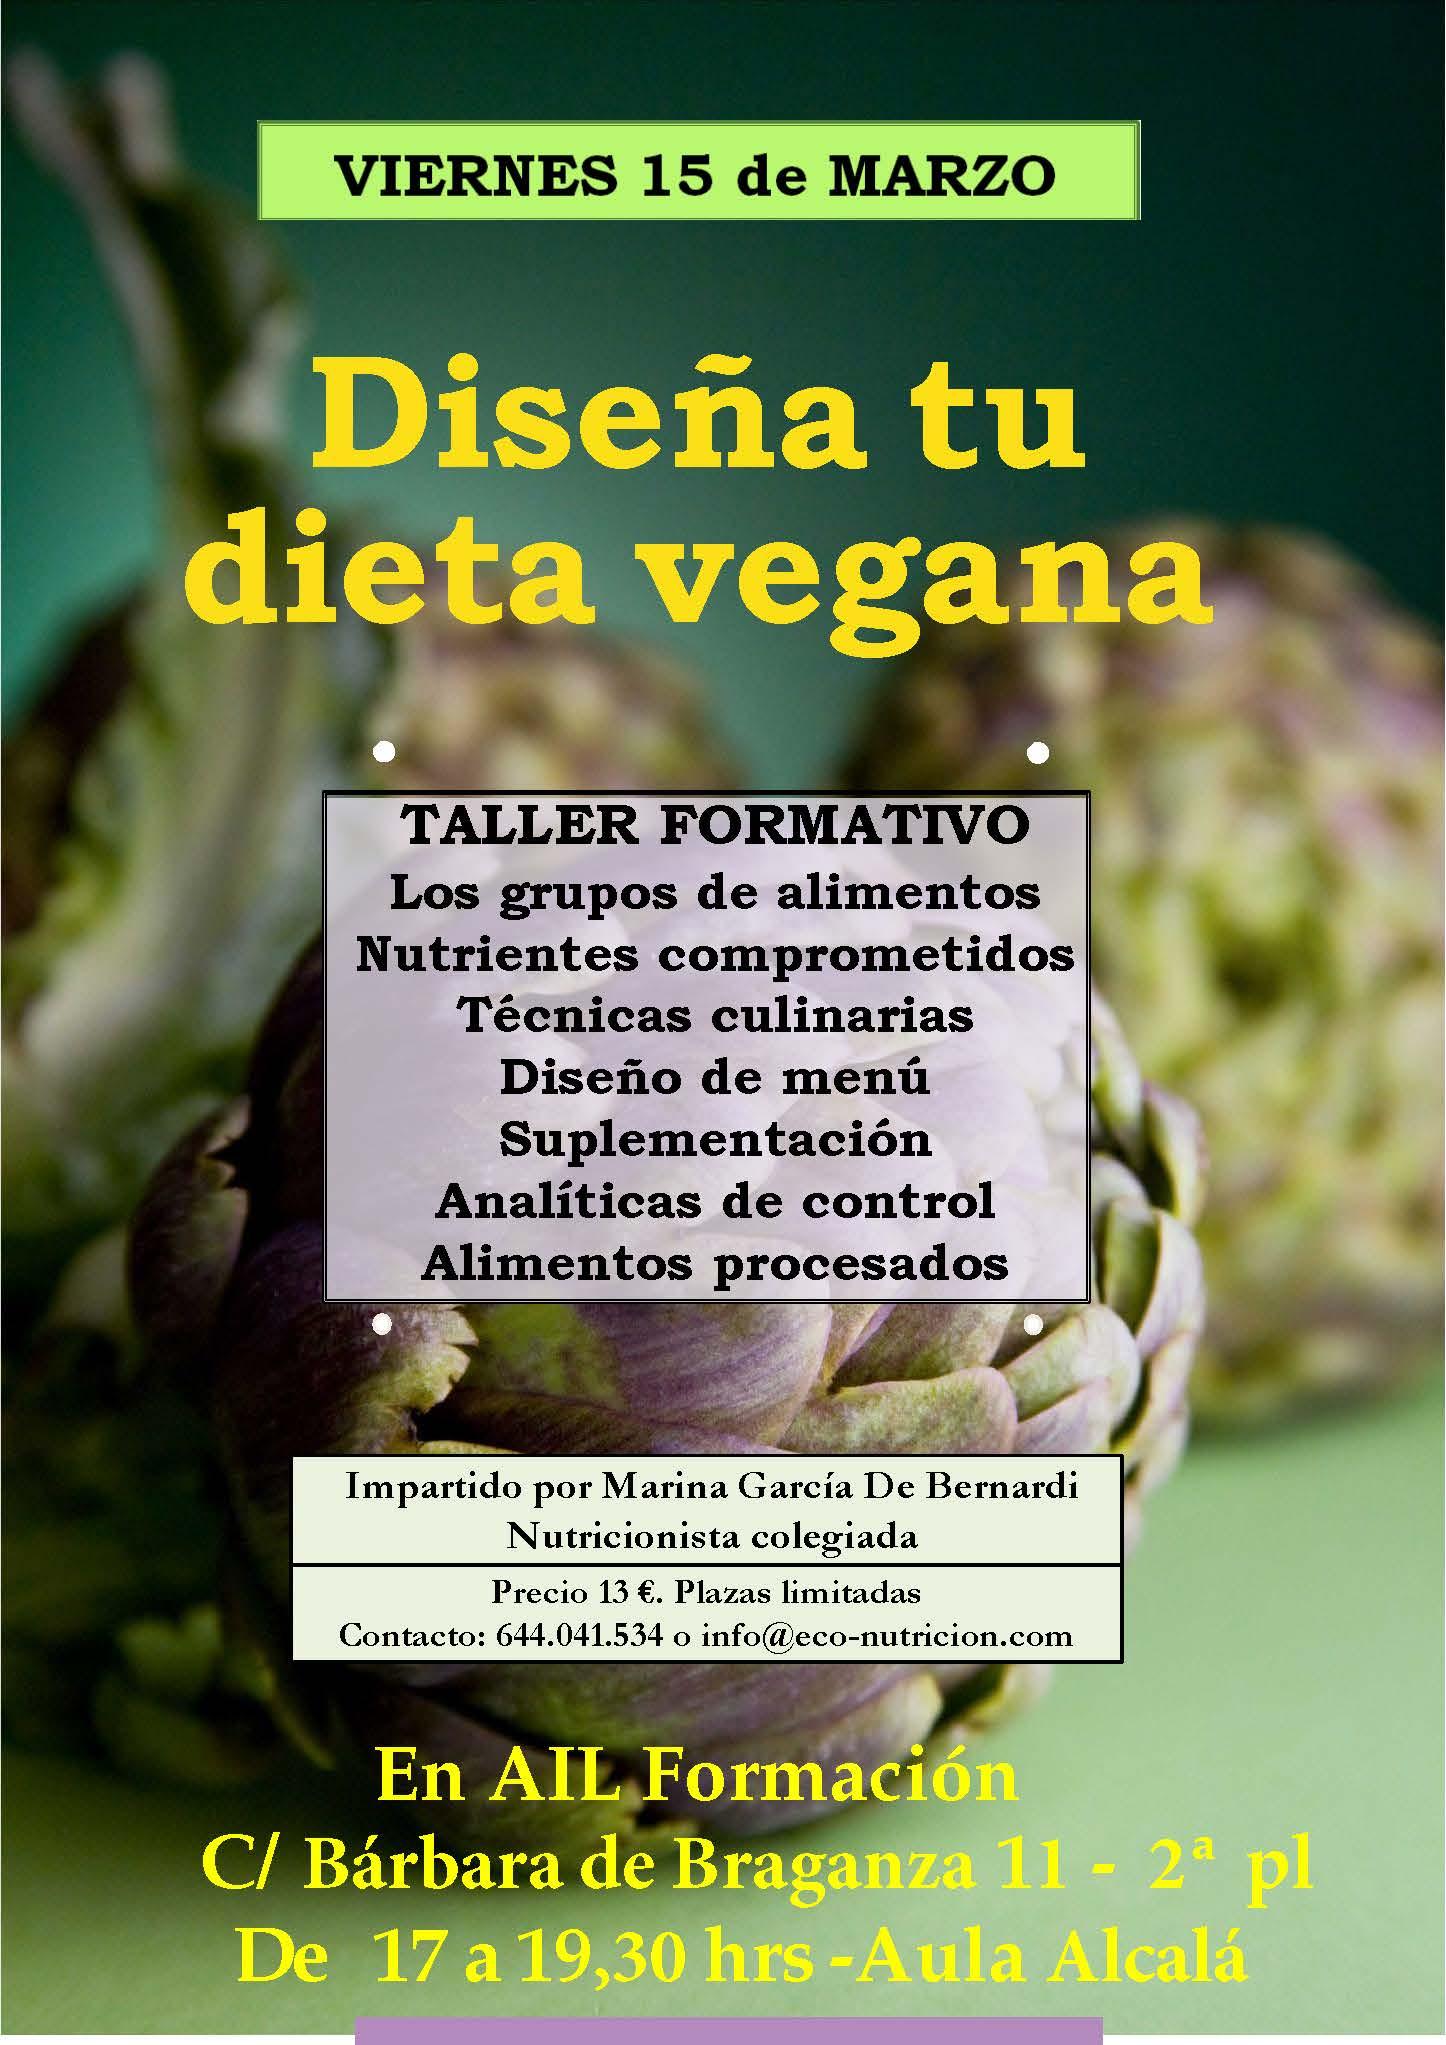 disena-tu-dieta-vegana-marzo-1